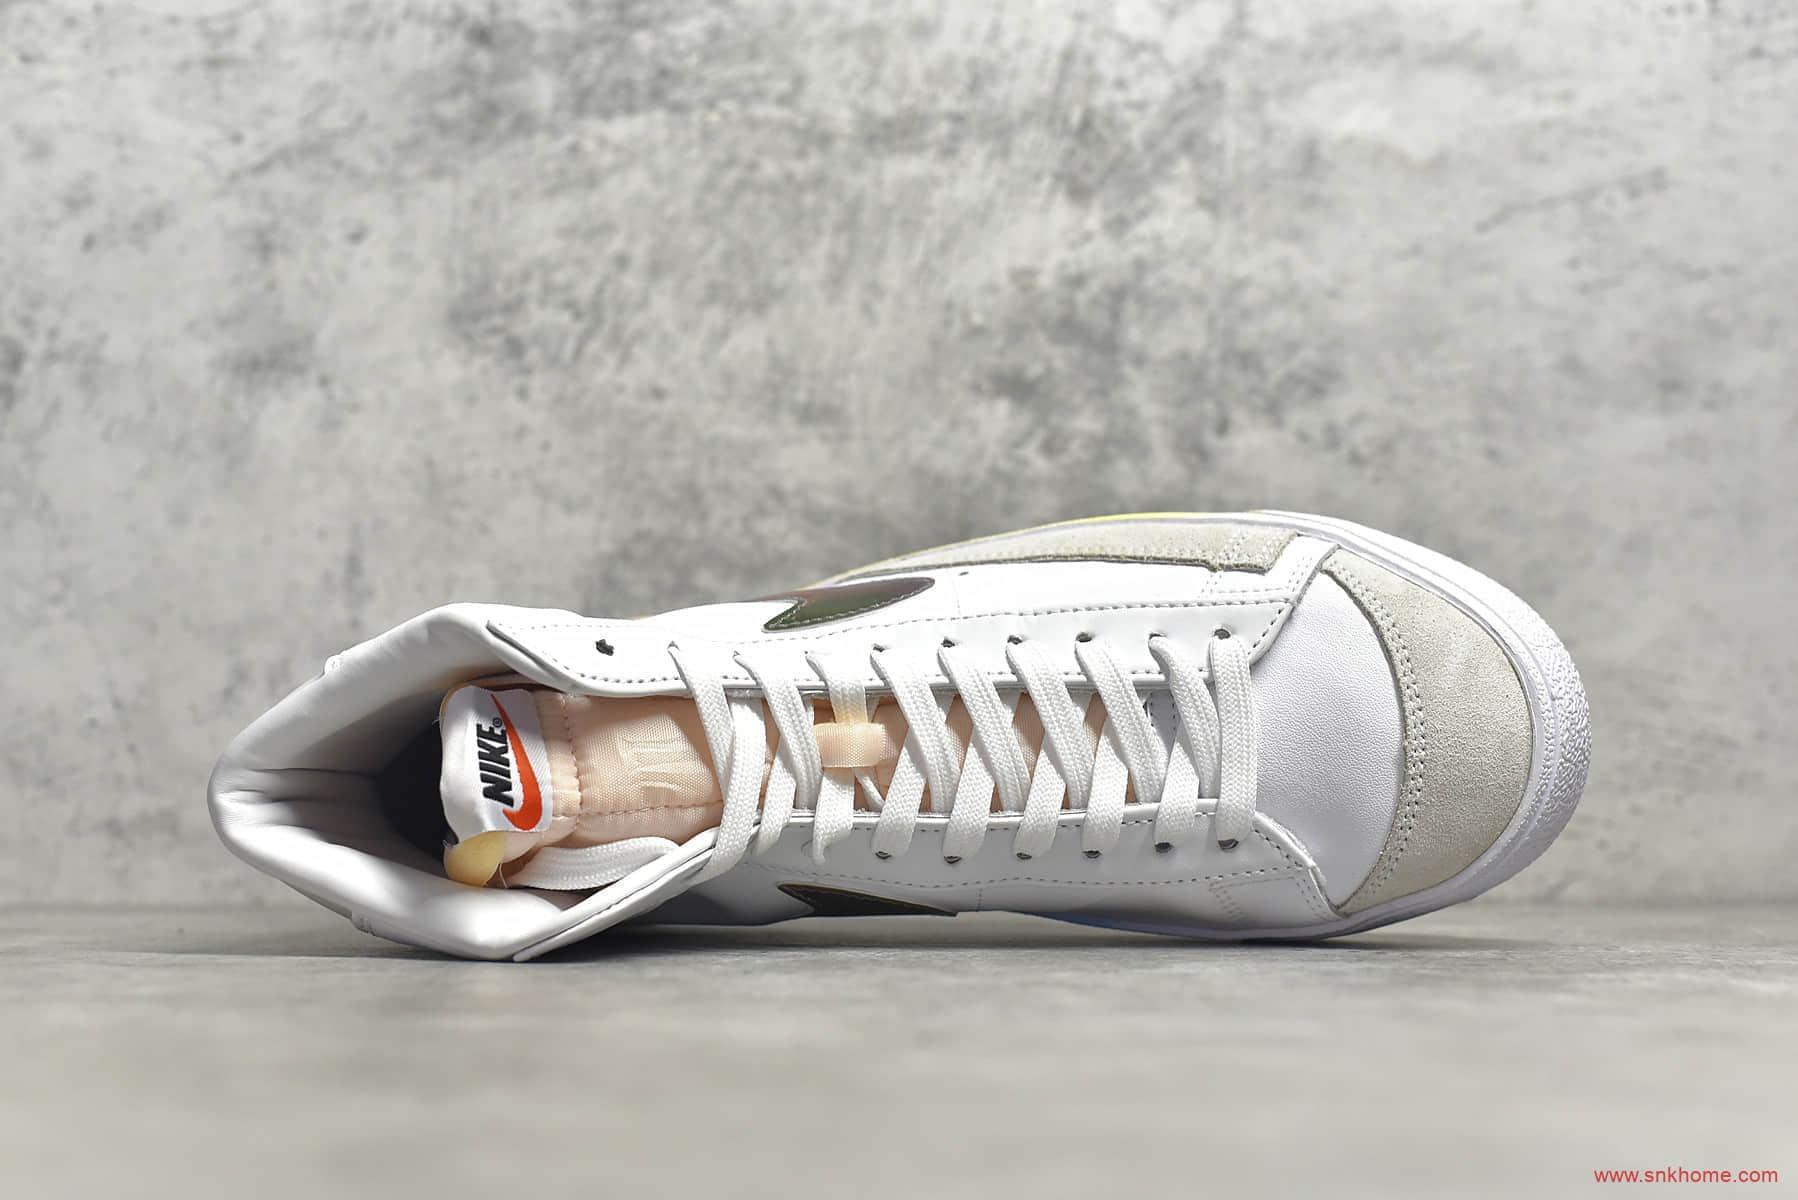 耐克开拓者七彩底高帮板鞋 NIKE W Blazer Mid Vintage Suede 开拓者头层牛皮高帮耐克休闲鞋 货号:CZ8653-136-潮流者之家